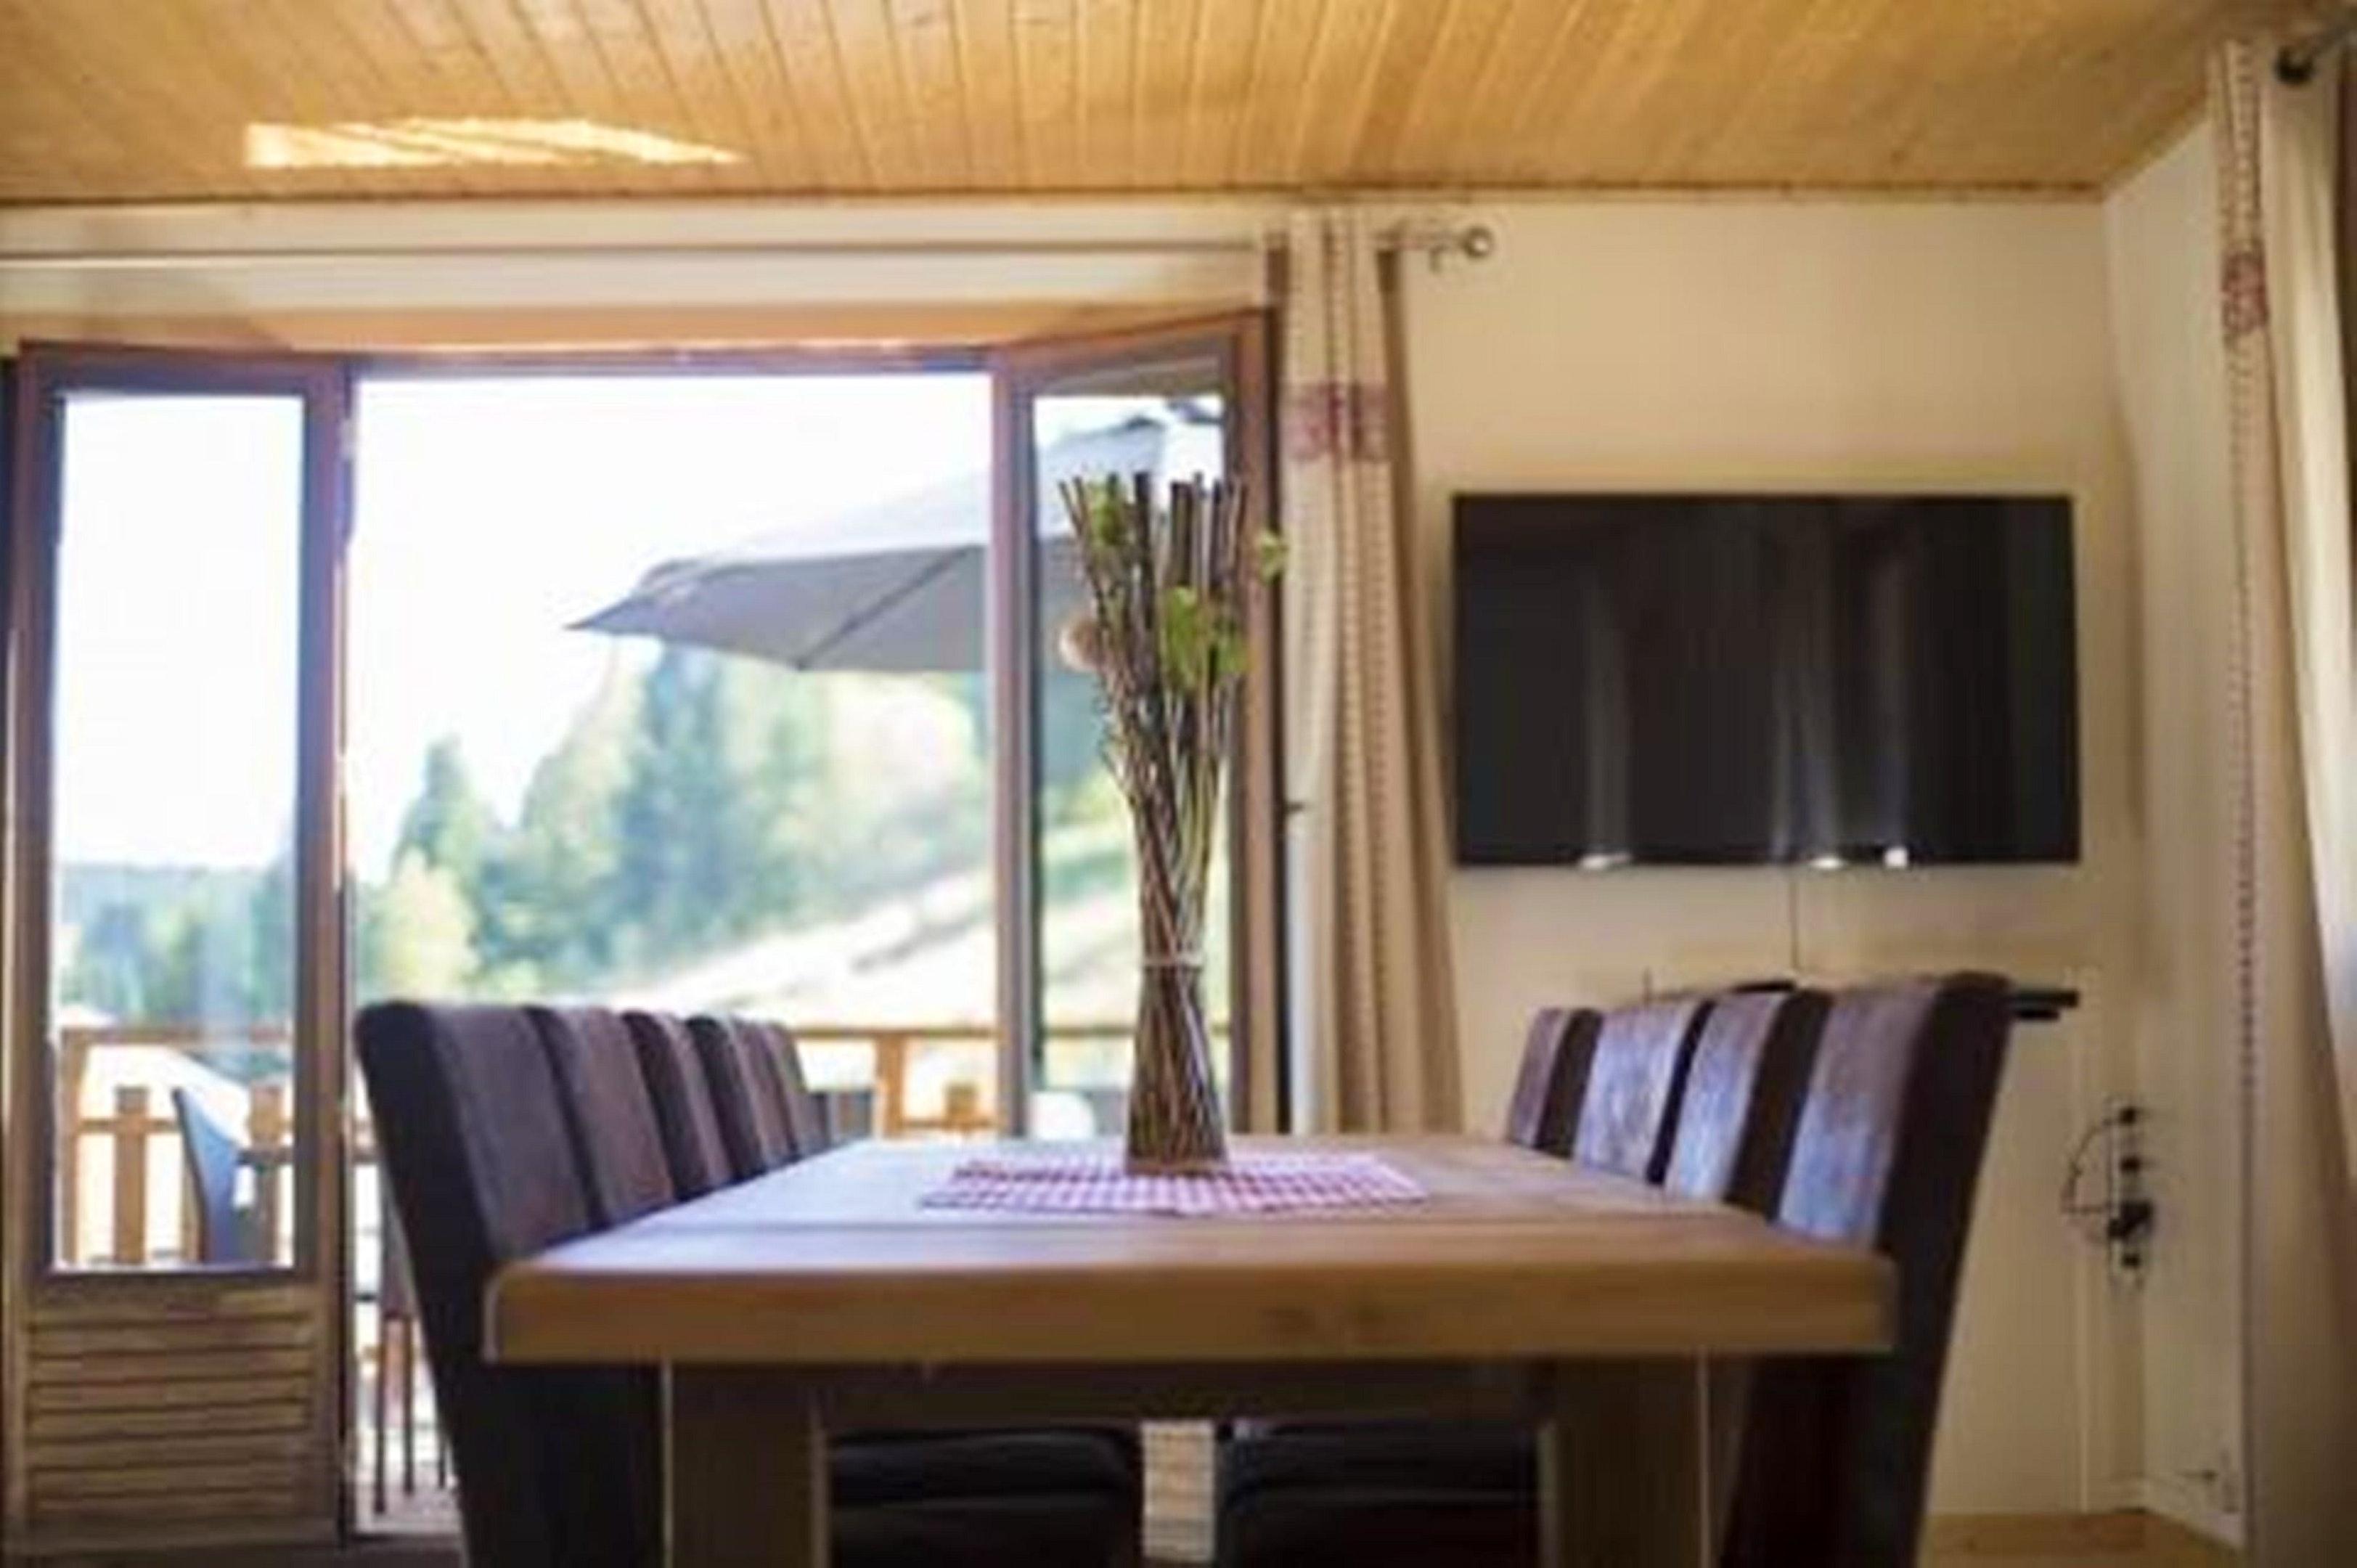 Maison de vacances Hütte mit 7 Schlafzimmern in Les Moussières mit toller Aussicht auf die Berge, möblierter  (2677371), Les Moussières, Jura, Franche-Comté, France, image 25